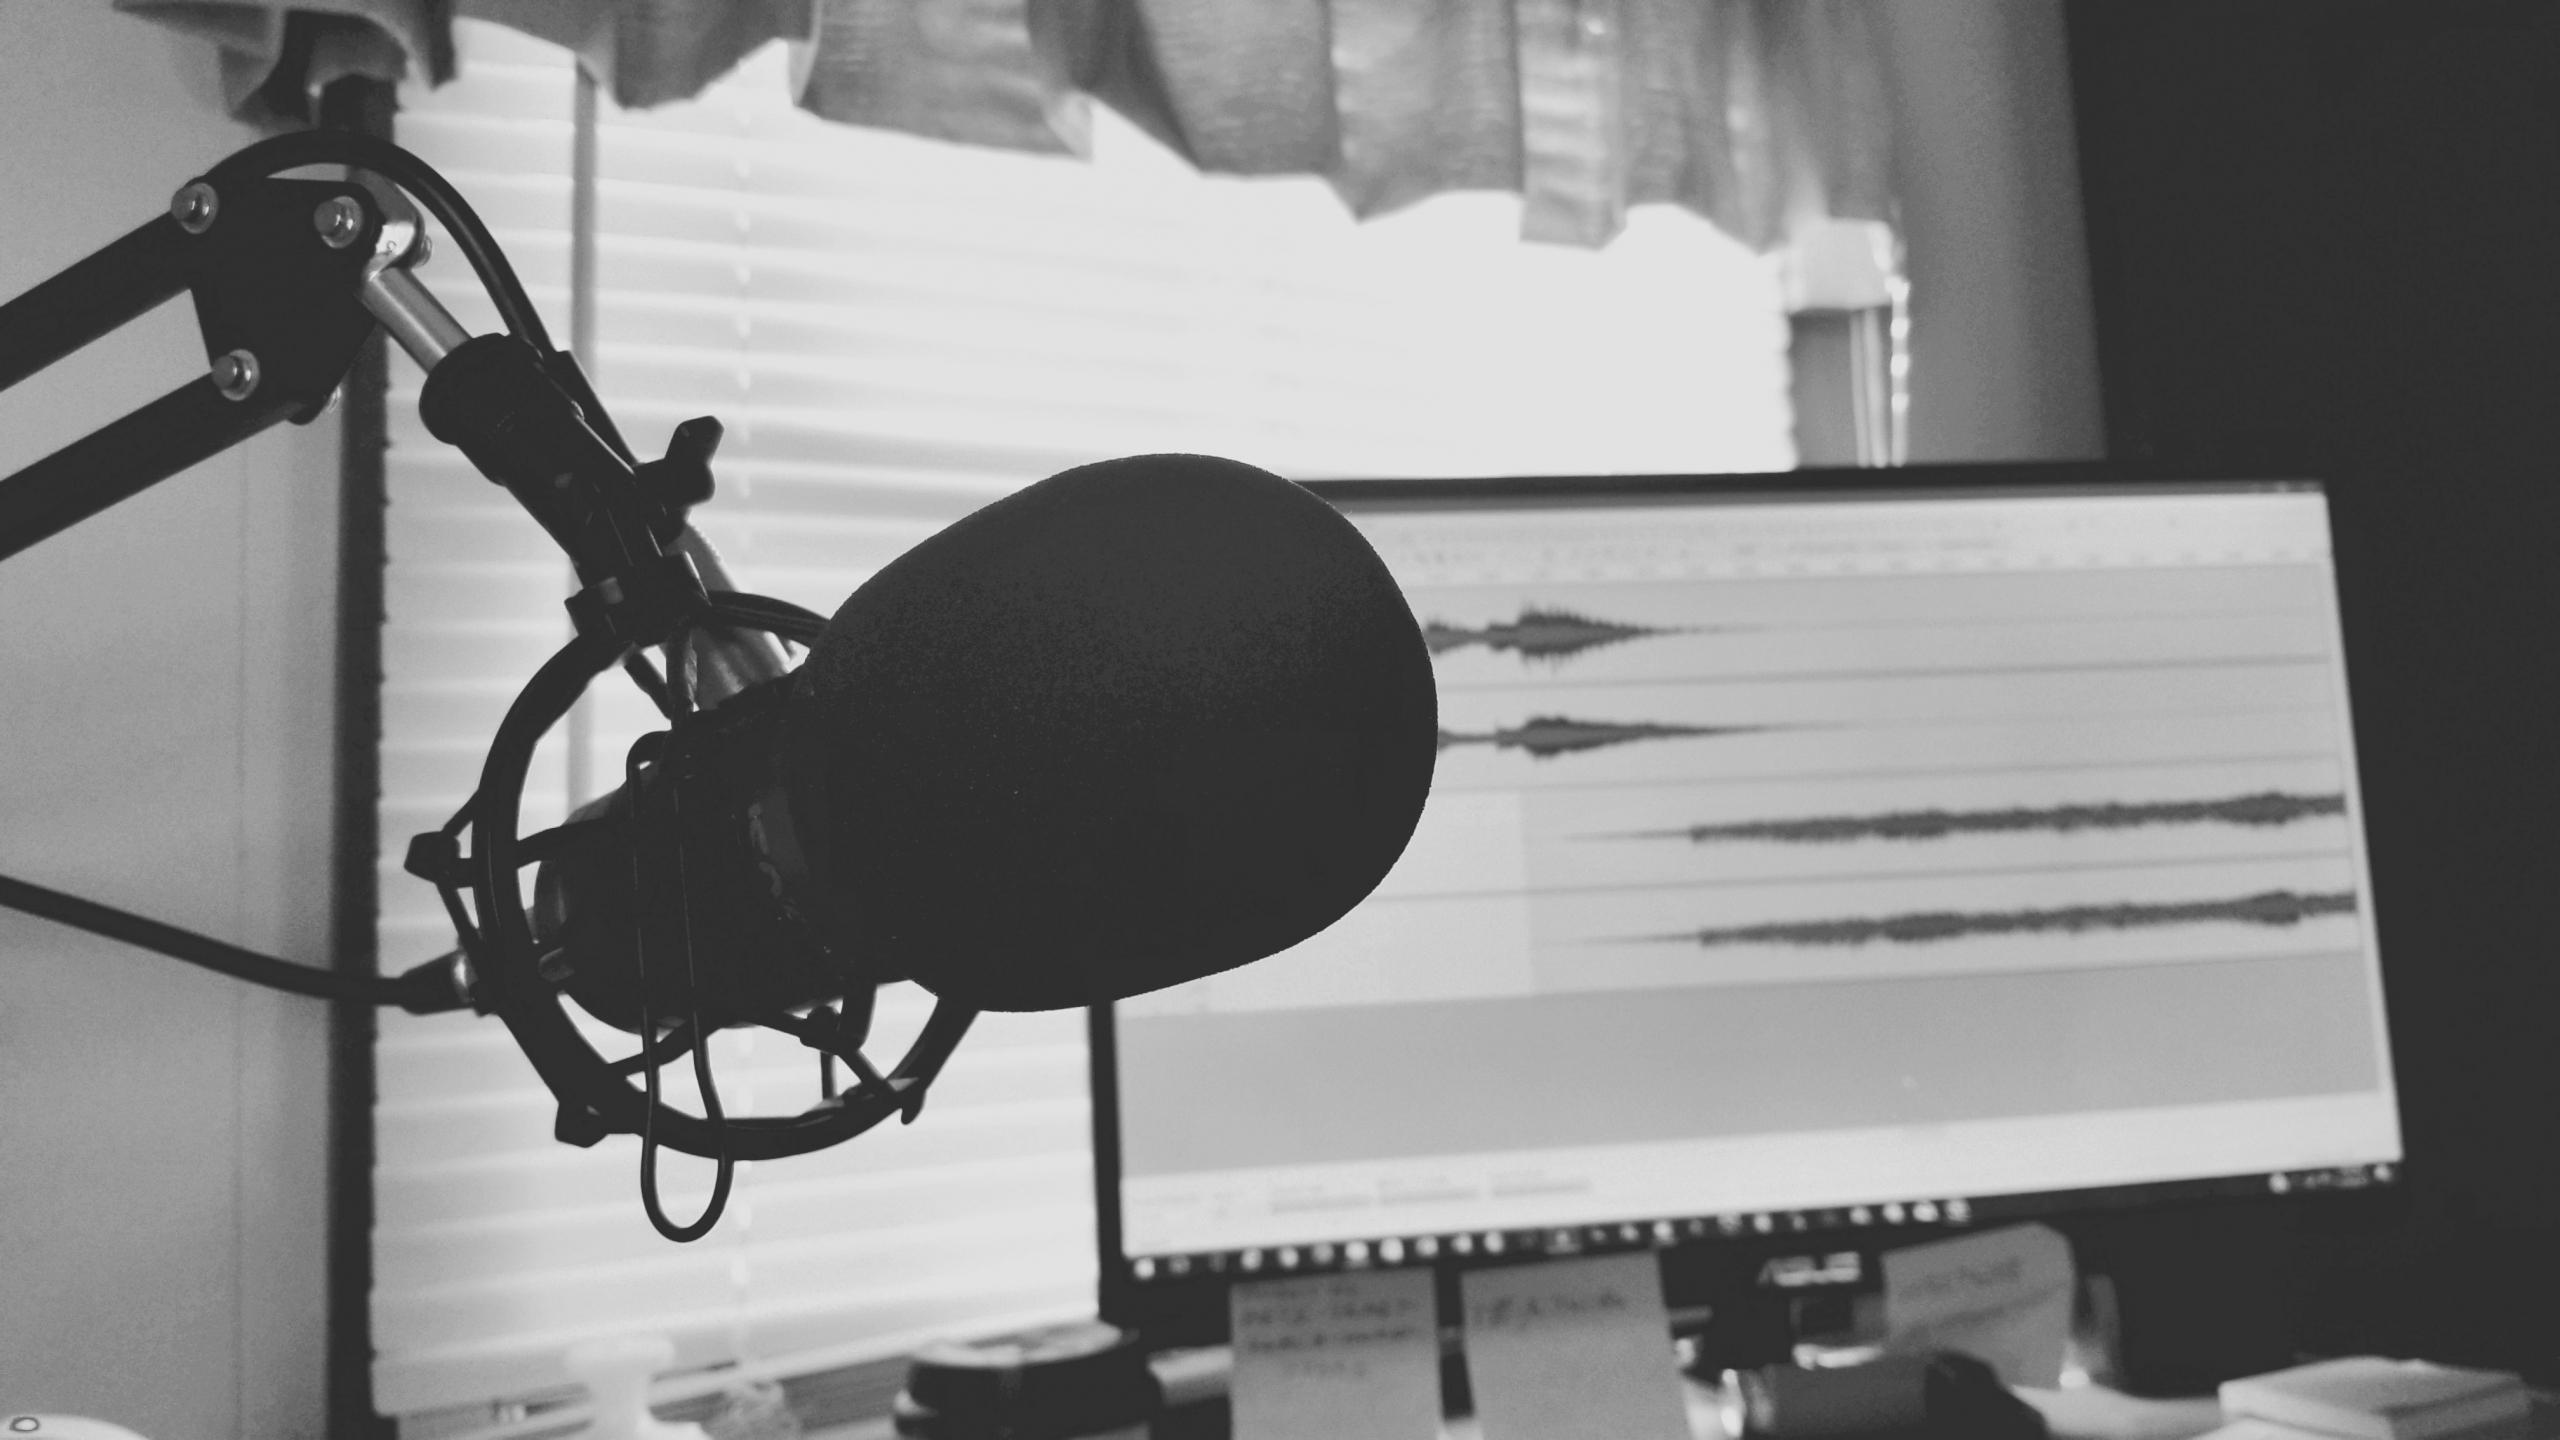 Podcast Nedir? Podcast Nasıl Yapılır?